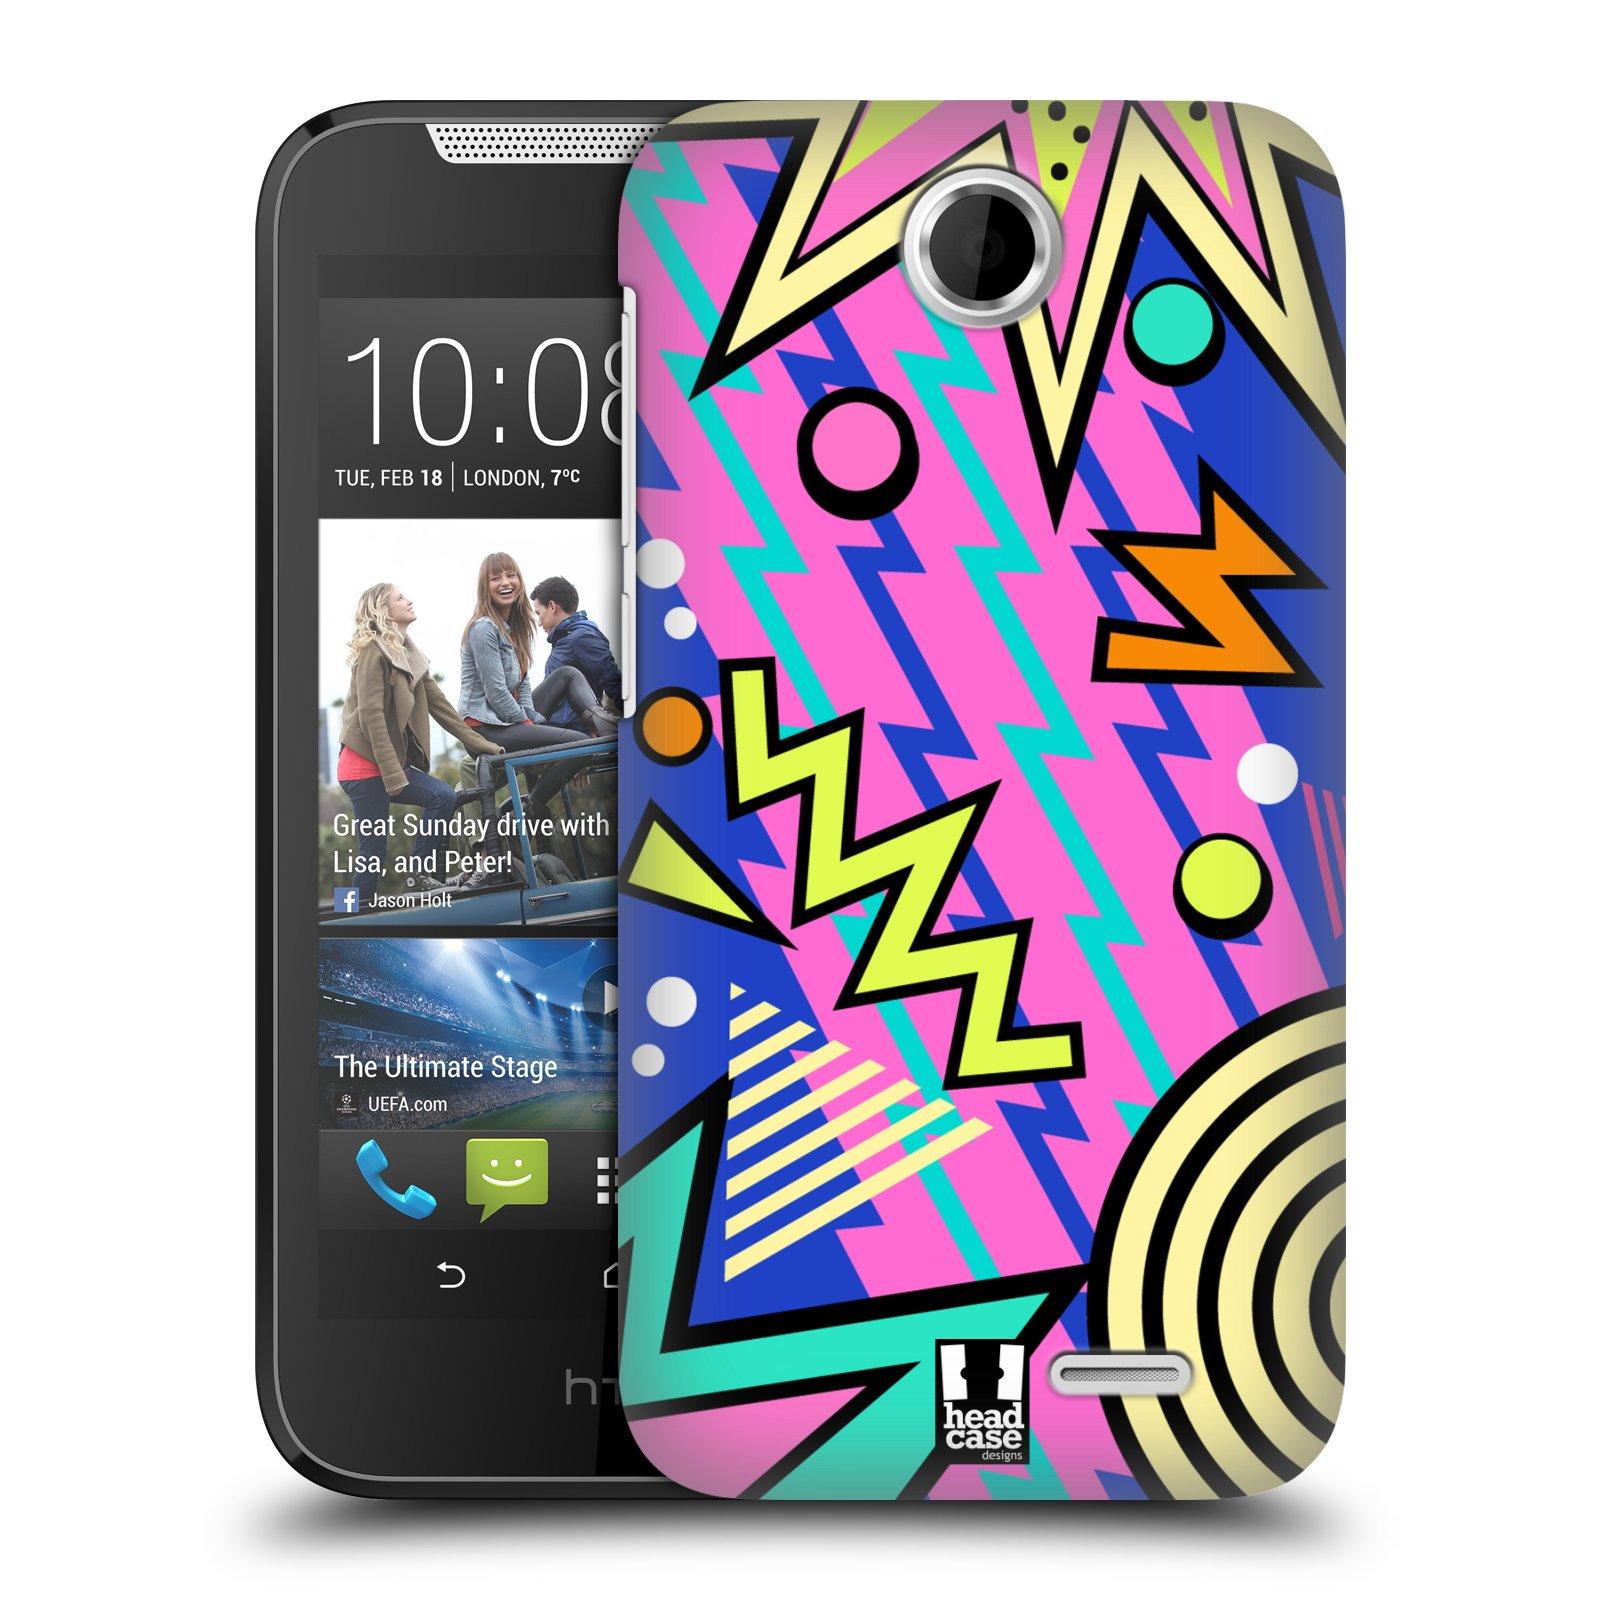 HEAD CASE plastový obal na mobil HTC Desire 310 vzor Návrat do 80 let tvary